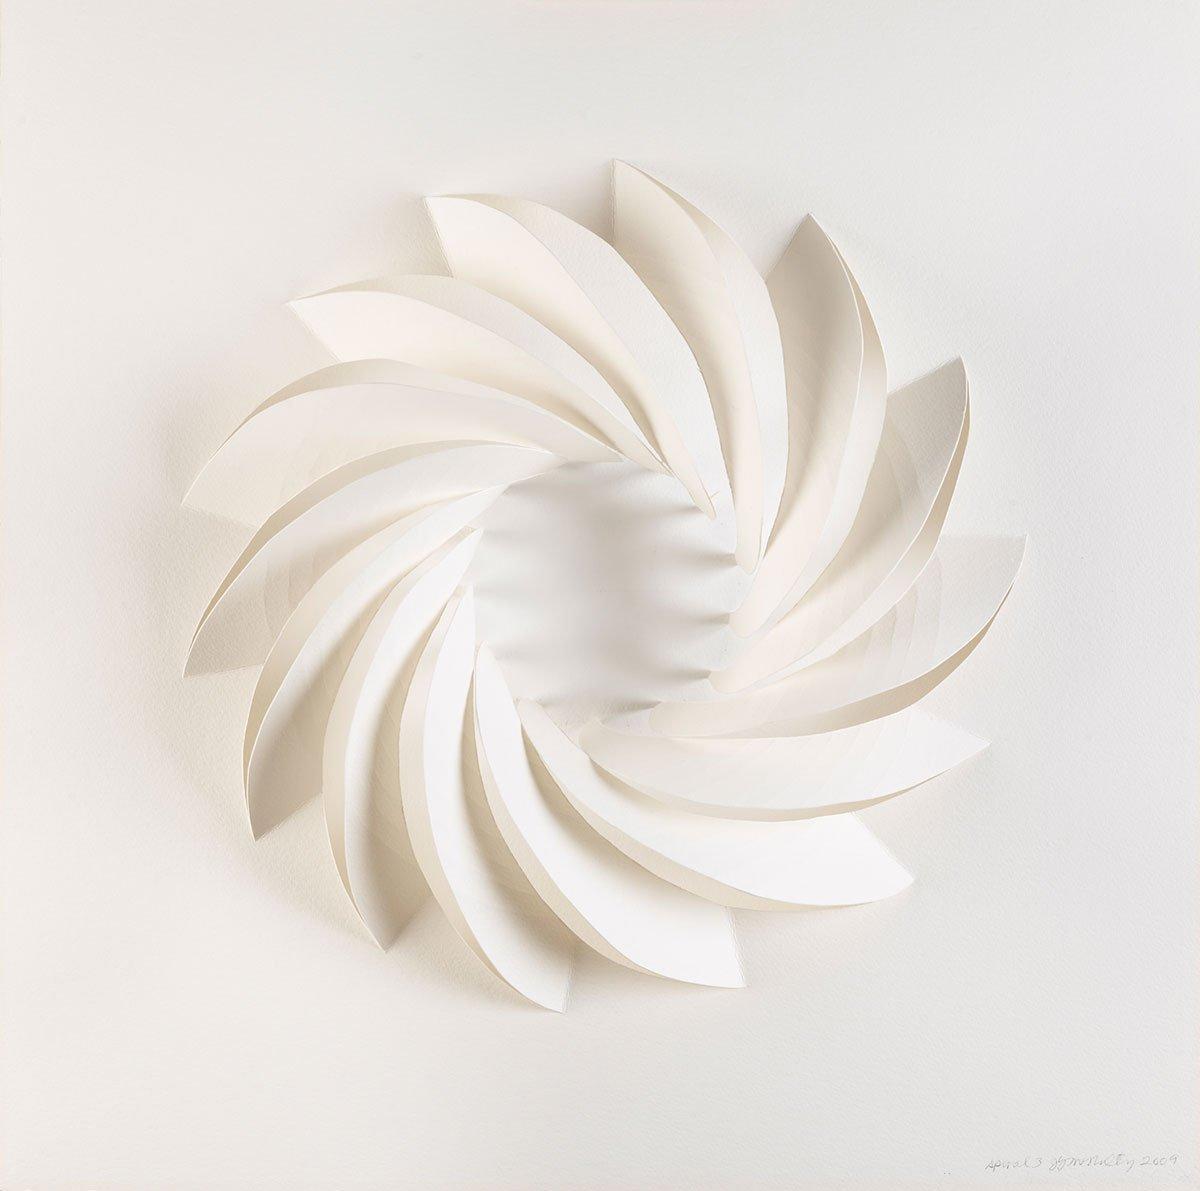 18_Spiral-3